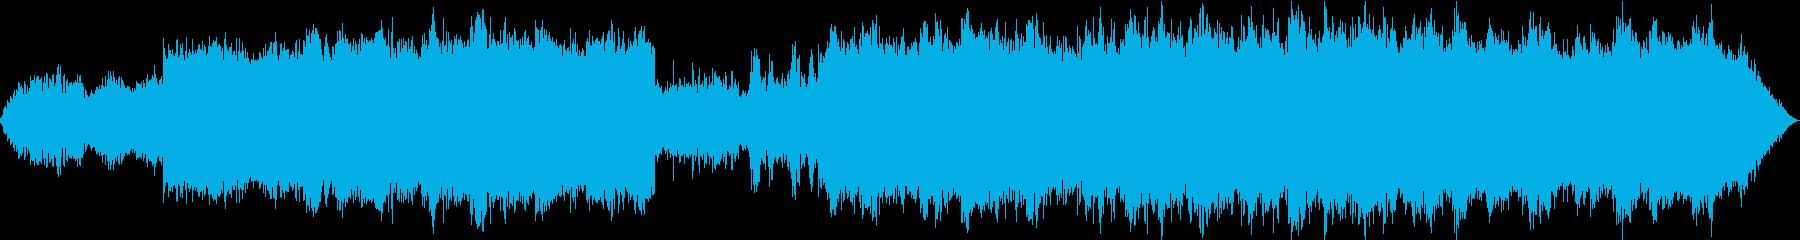 ゆったりとした浮遊感のあるエレクトロニカの再生済みの波形